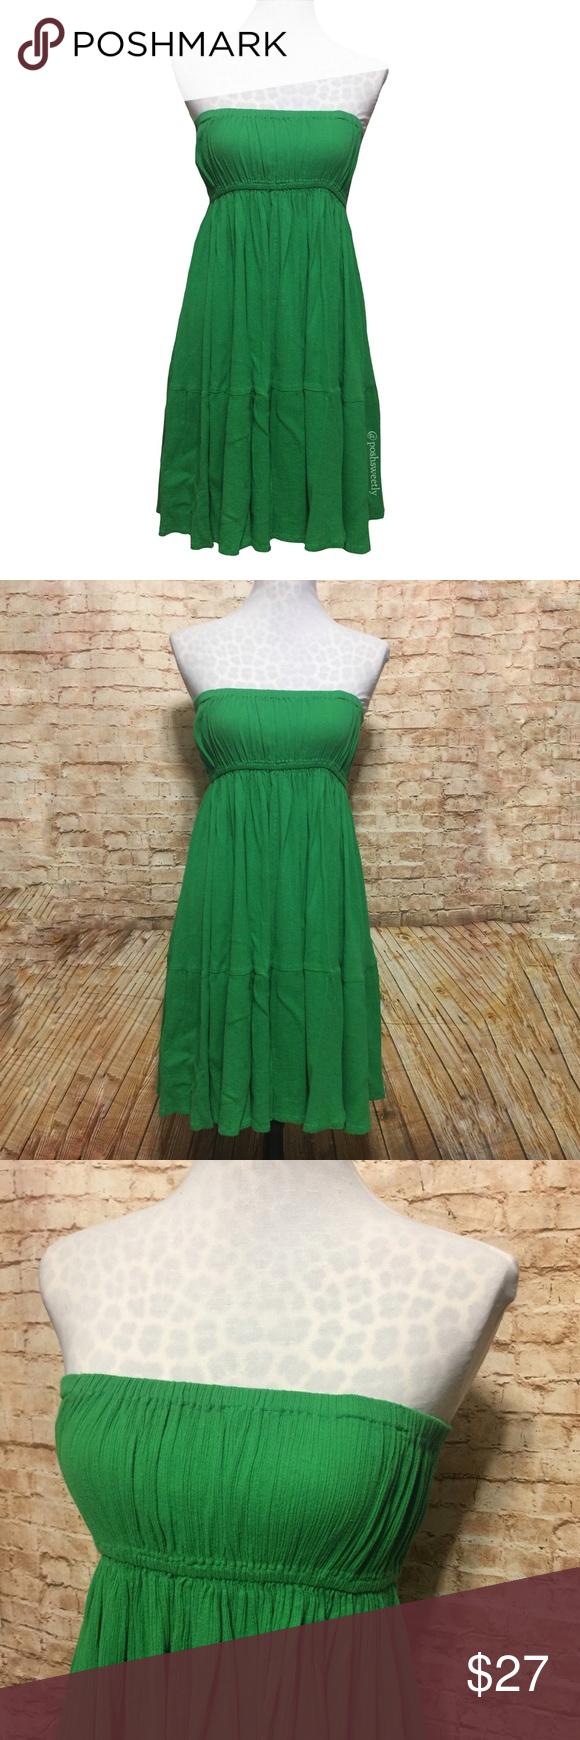 Zara Kelly Green Strapless Flowy Dress